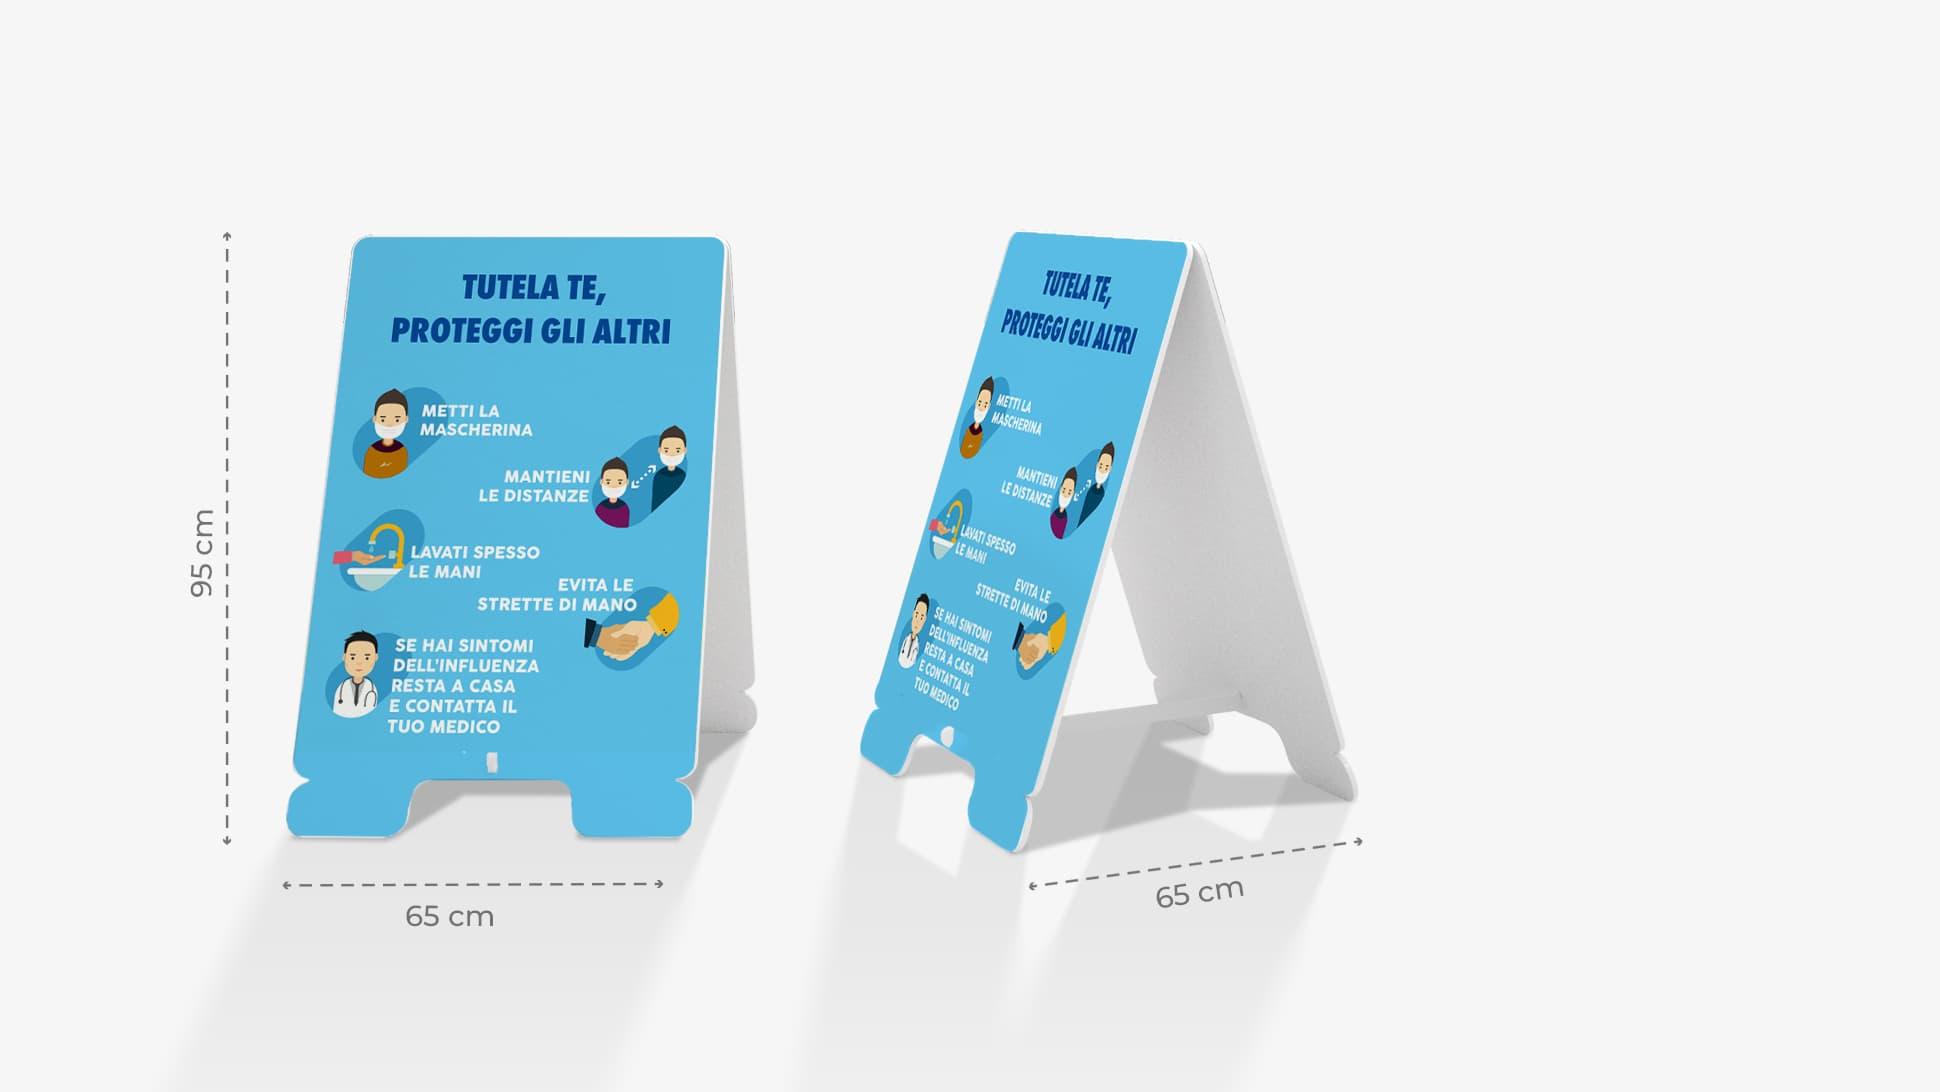 Cavalletto in polionda con informativa sulla sicurezza | tictac.it